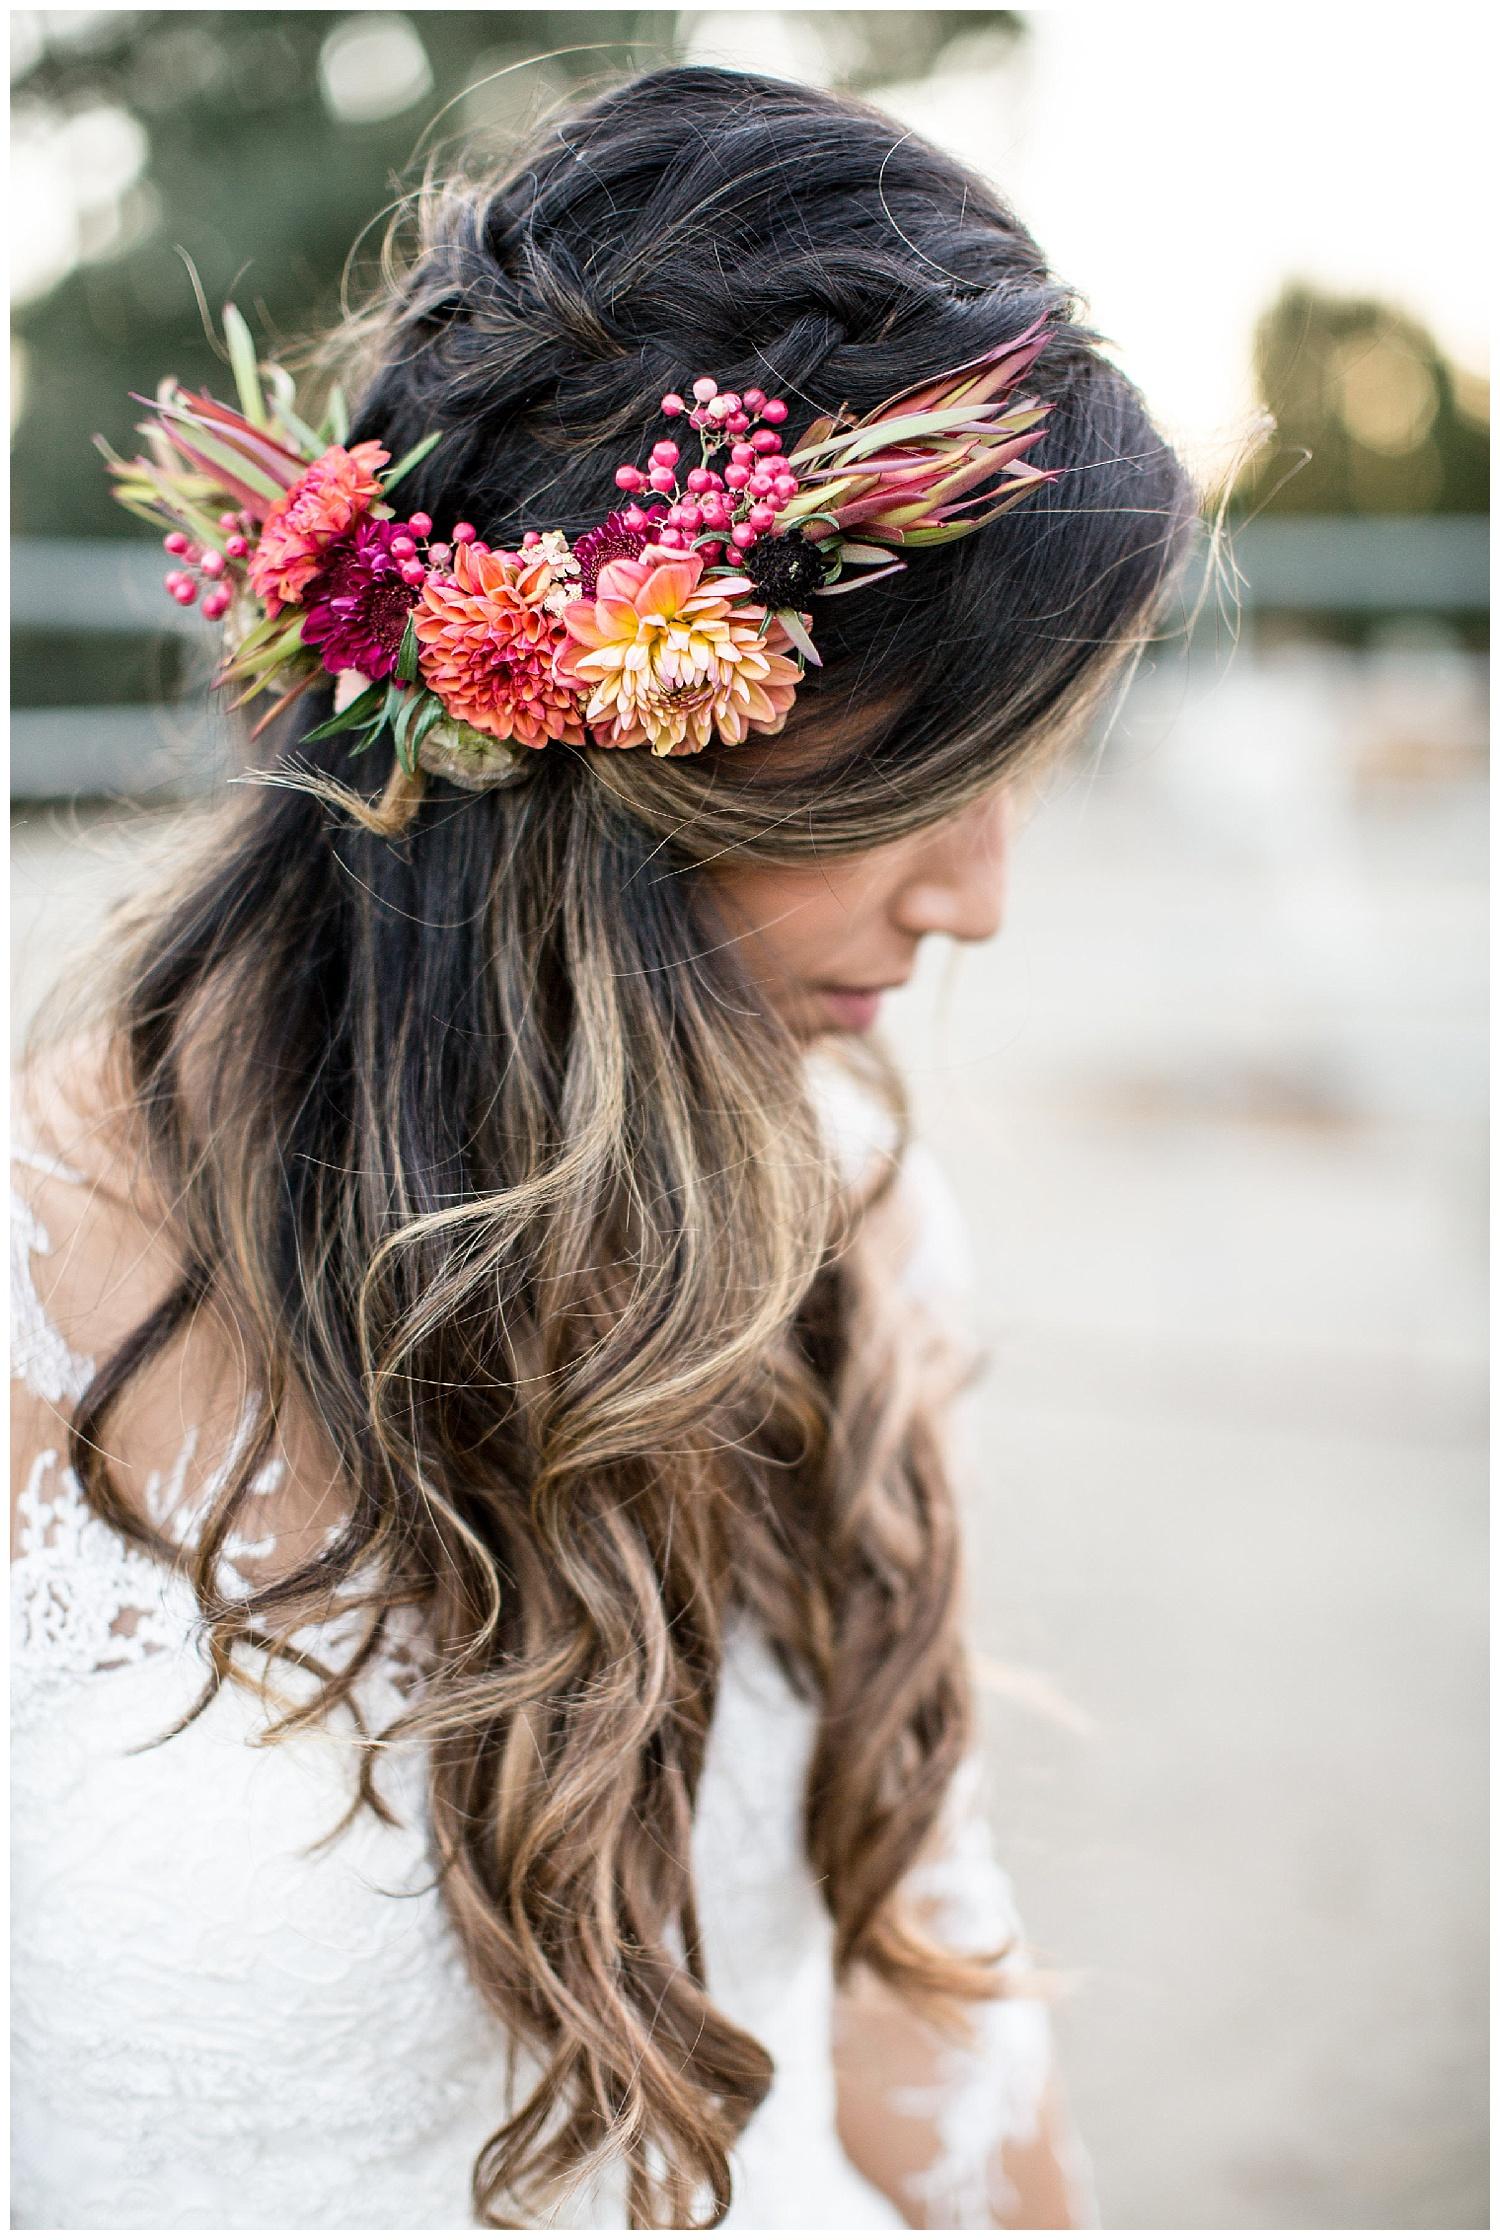 de joy photography floral crown bridal